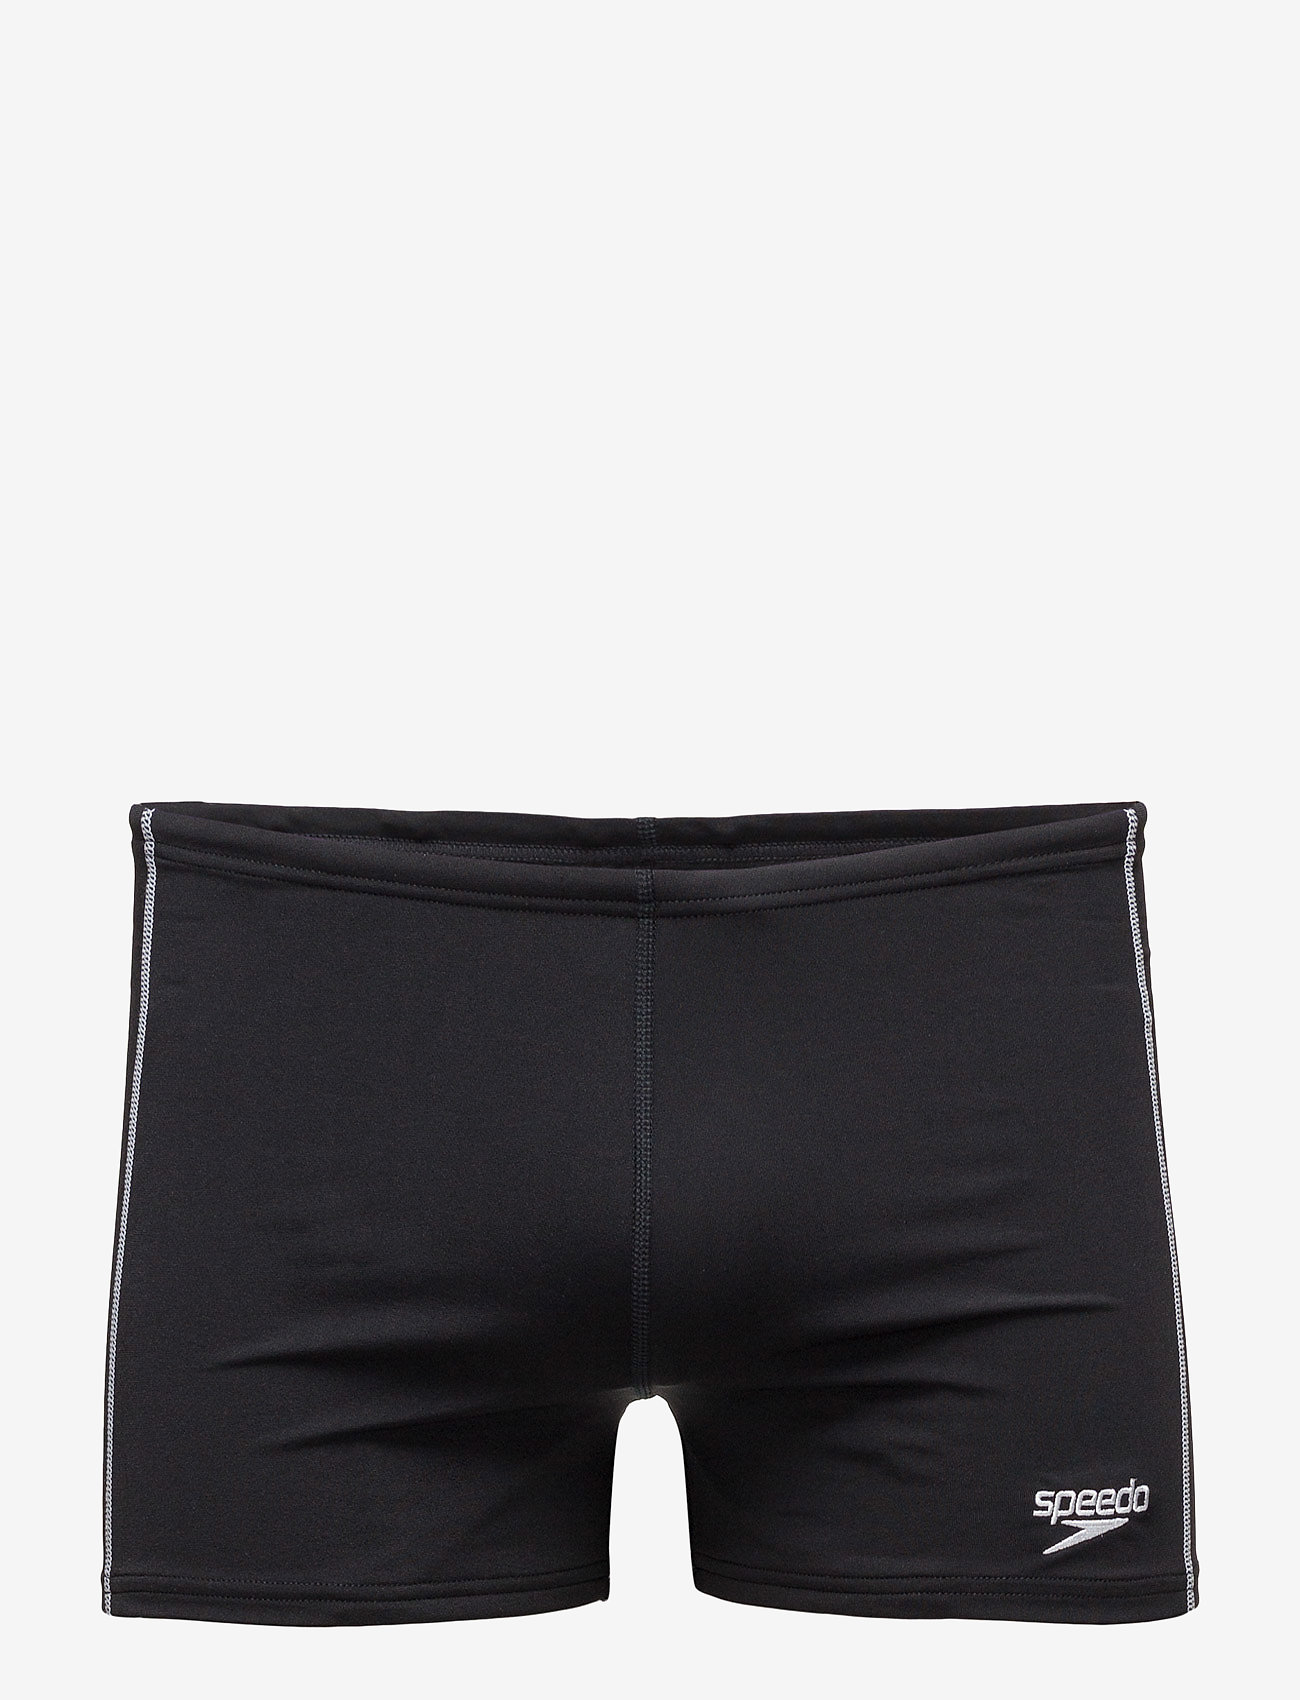 Speedo - Essential Classic Aquashort - briefs - black - 0